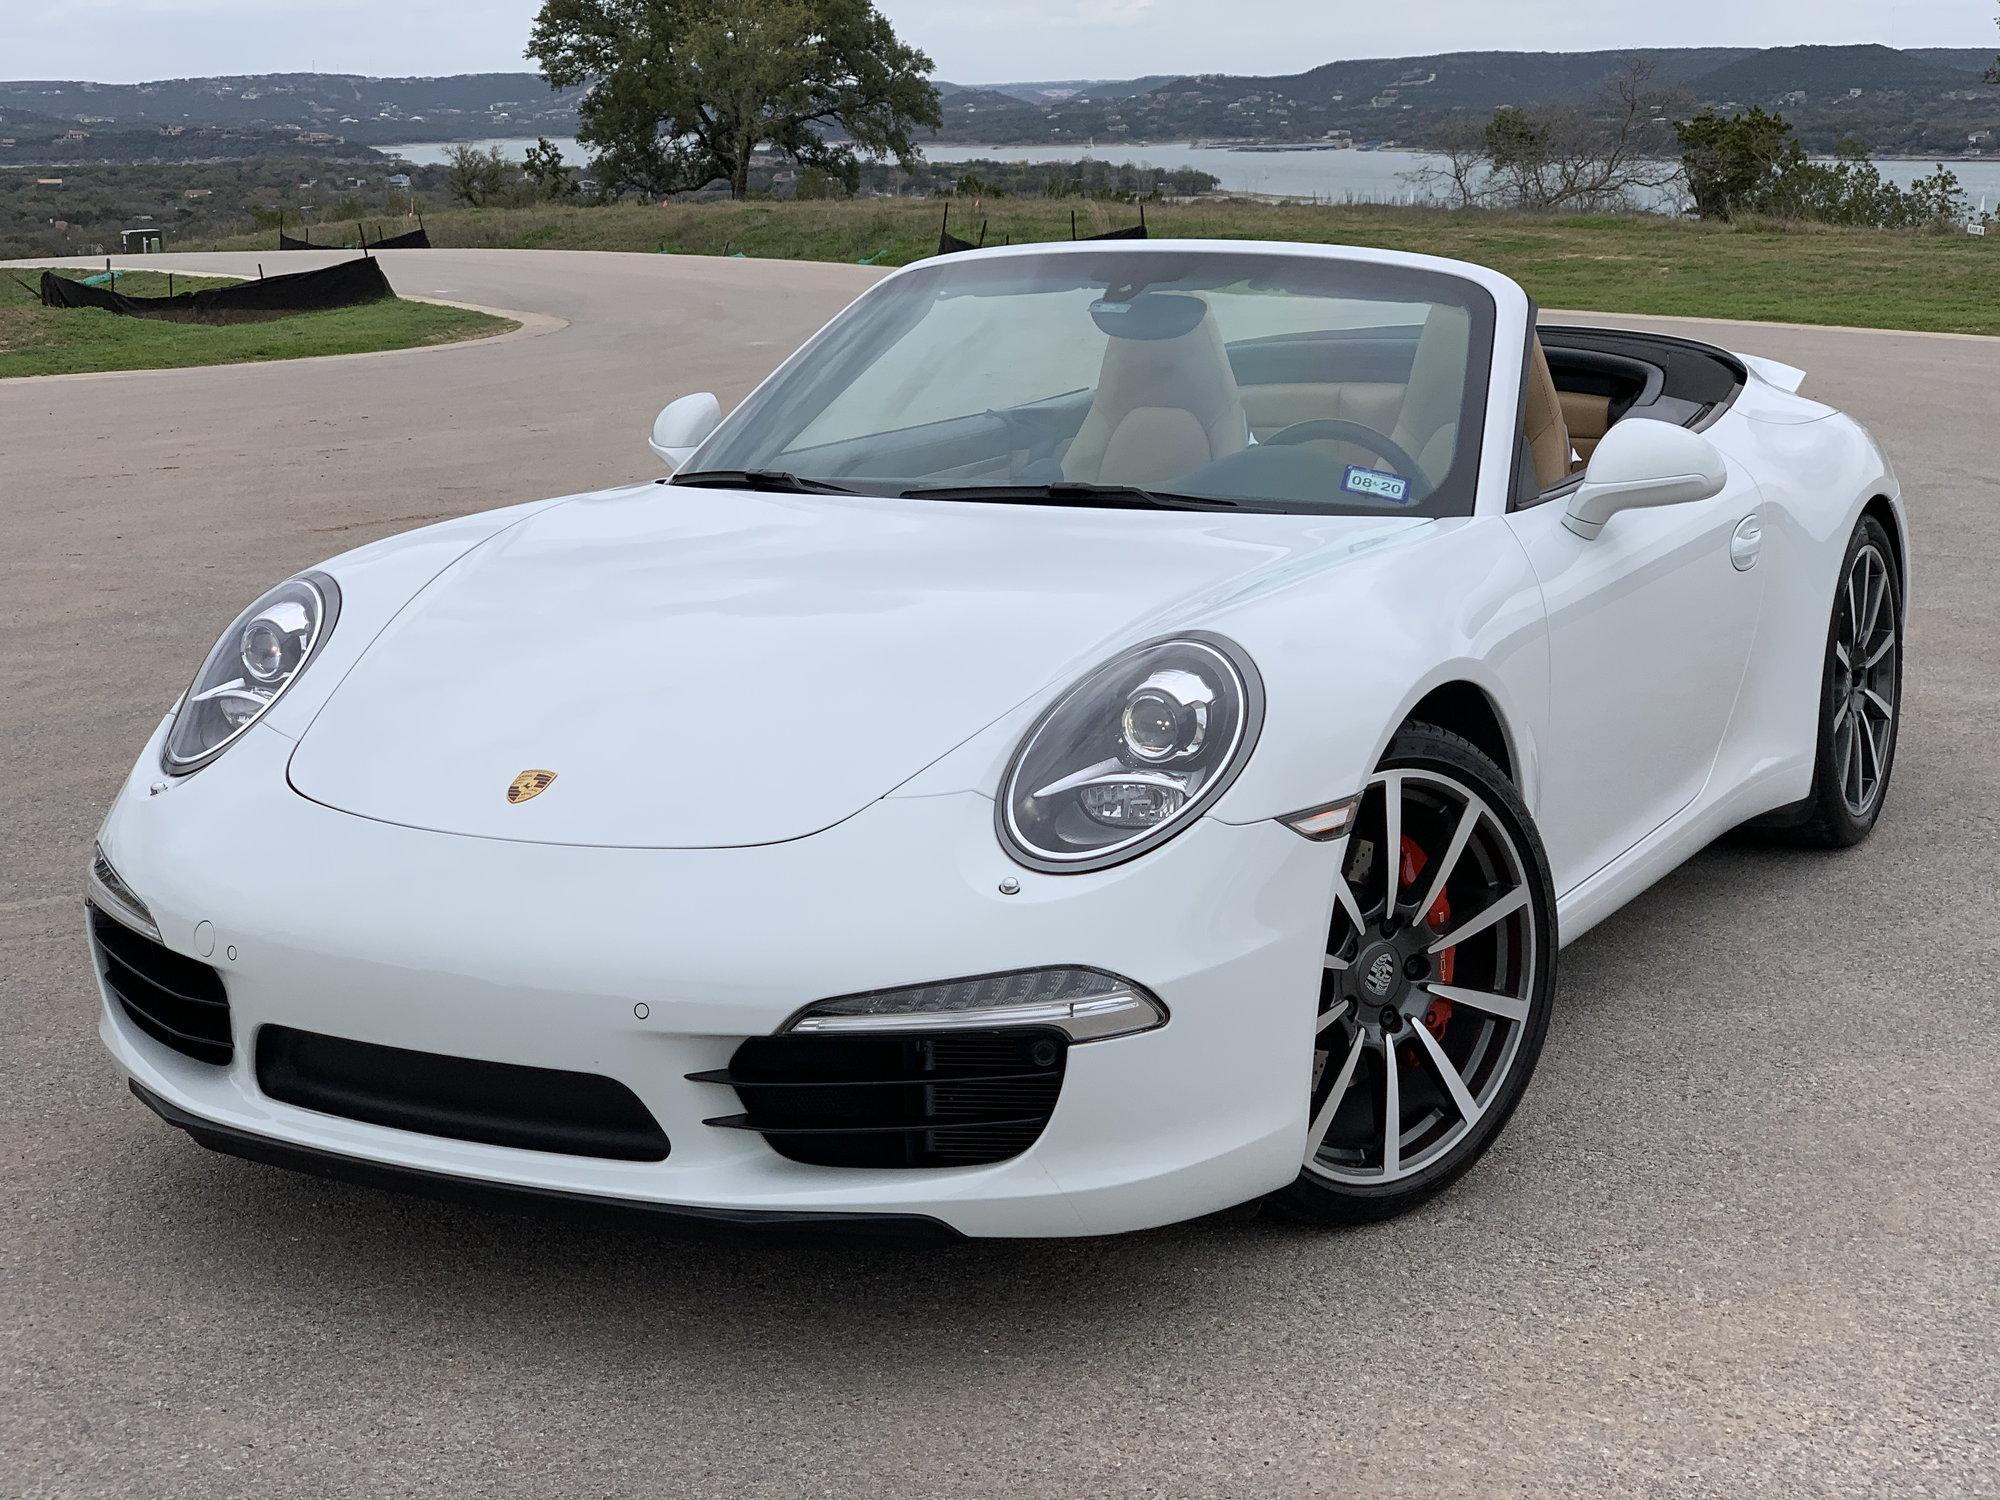 2013 Porsche 911 Carrera S Cabriolet White Exterior Beige Black Interior 27k Mi Rennlist Porsche Discussion Forums